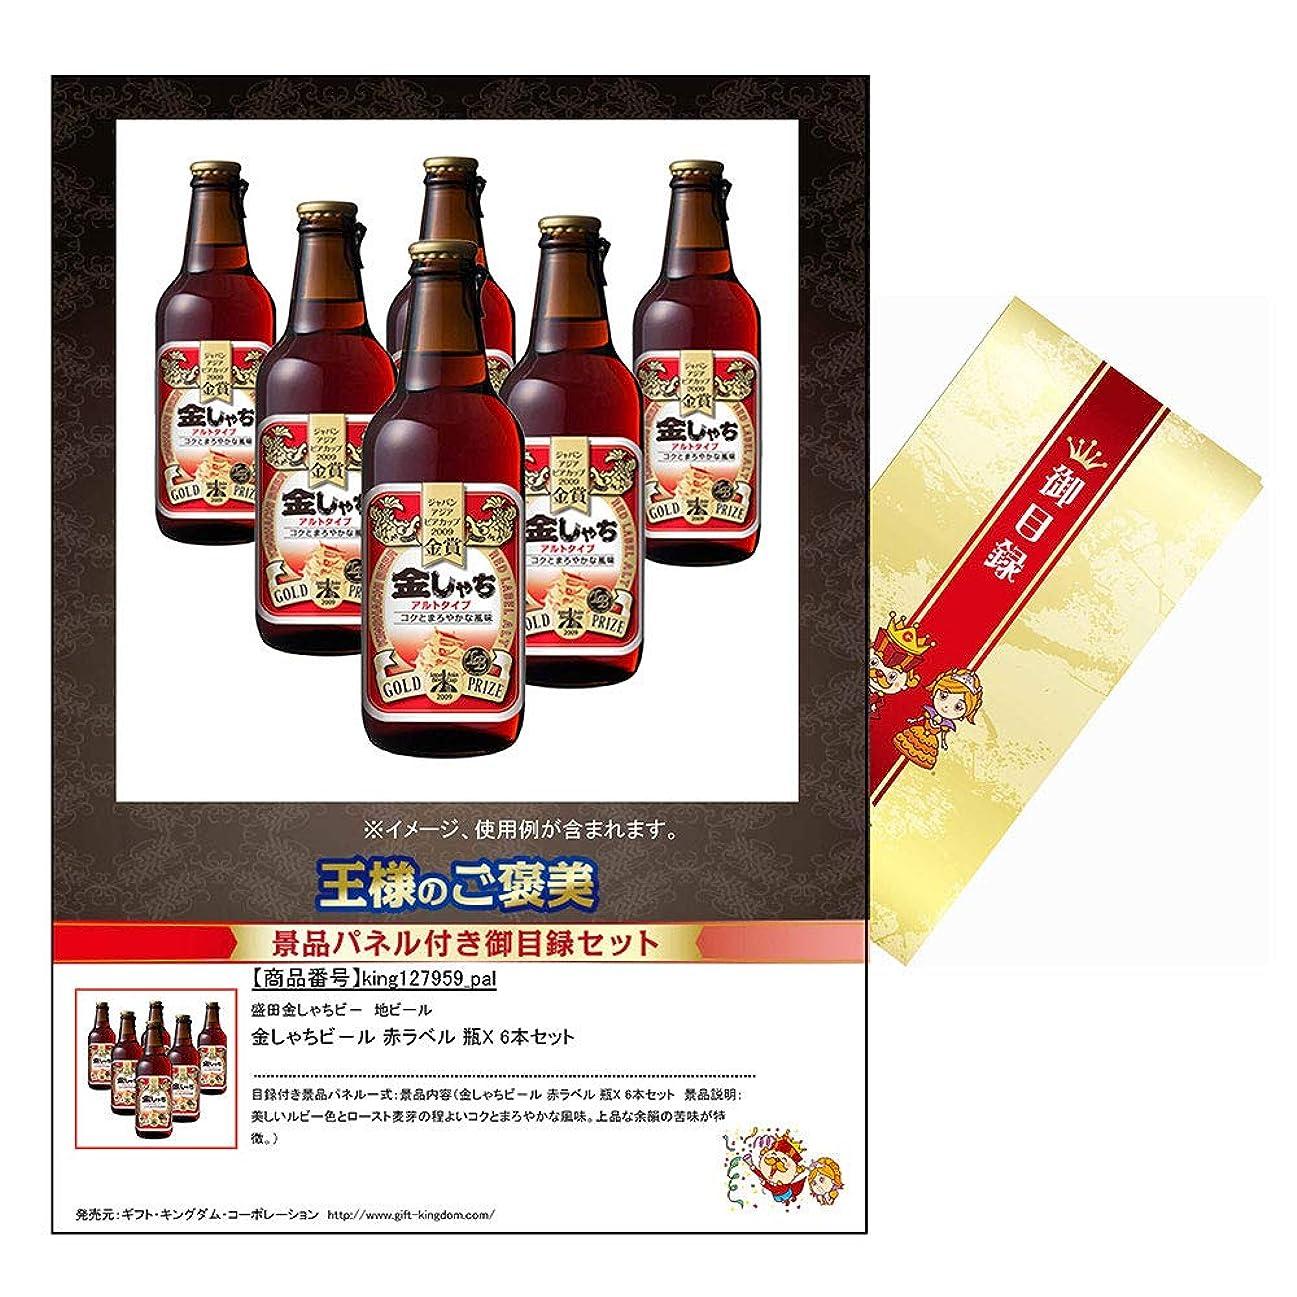 作るメロン試してみる景品 目録 パネル 王様のご褒美   金しゃちビ-ル 赤ラベル 瓶X 6本セット KING127959 [地ビール]   商品引換券でお届け